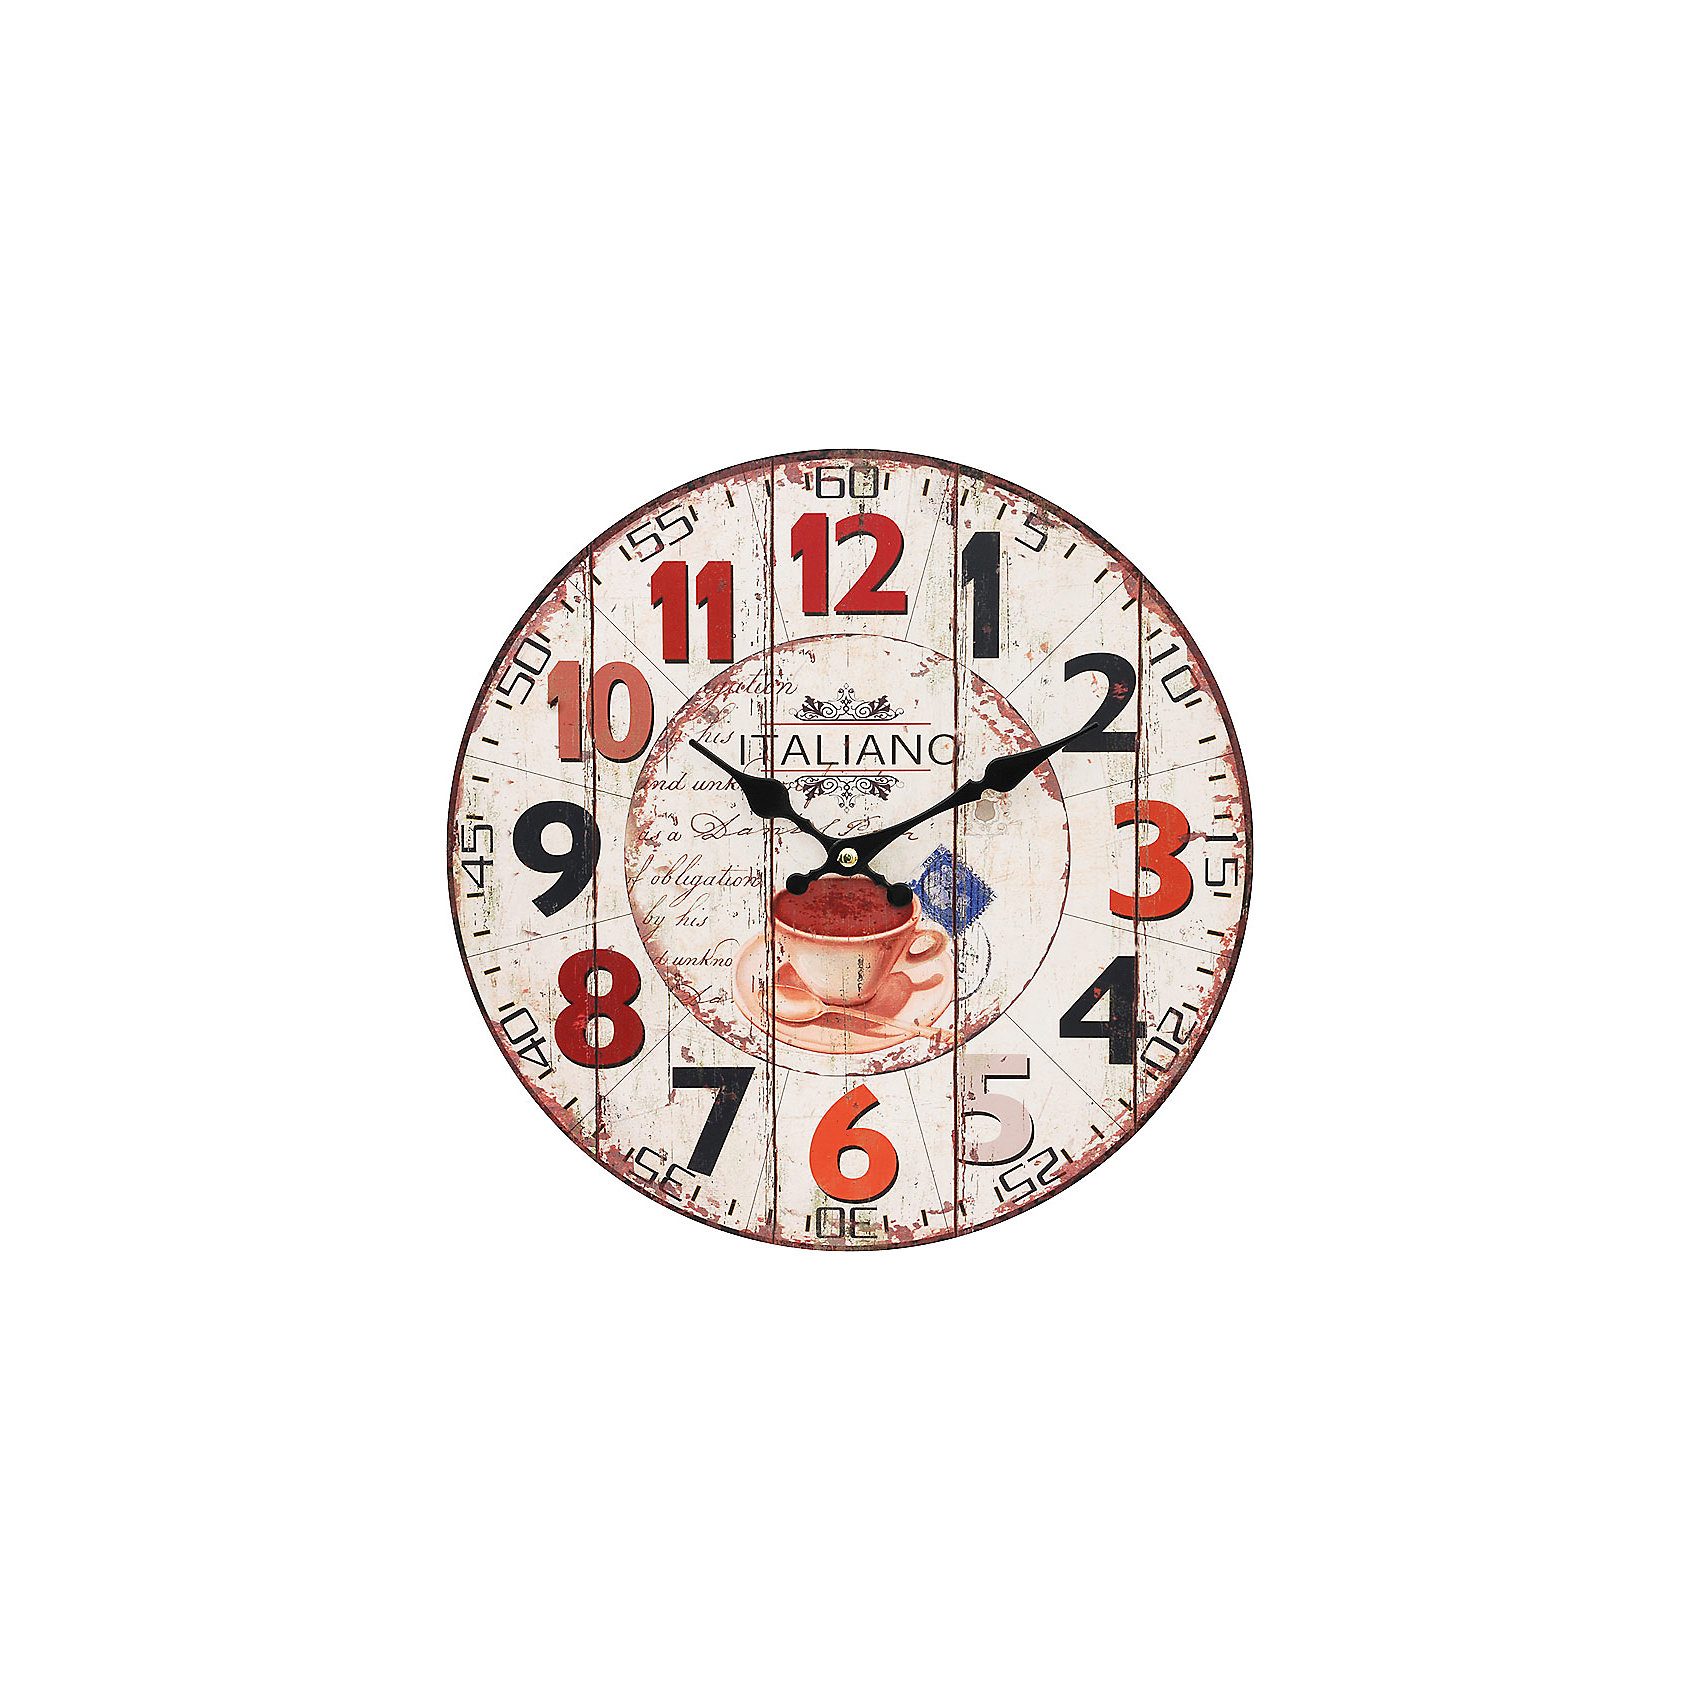 Часы настенные Кофе из Италии, диаметр 34 смПредметы интерьера<br>Часы настенные Кофе из Италии, диаметр 34 см.<br><br>Характеристики:<br><br>- Диаметр: 34 см.<br>- Две стрелки часовая и минутная<br>- Батарейка: 1 типа АА (в комплект не входит)<br>- Цвет: бледно-розовый, красный, кремовый<br>- Упаковка картонная коробка<br><br>Кварцевые настенные часы с механизмом плавного хода помимо своего прямого назначения – показывать точное время – станут важным элементом декора Вашего дома, квартиры или офиса. Открытый циферблат часов выполнен из листа оргалита с декоративным покрытием, оформлен изображением чашечки кофе. Часовая и минутная стрелки металлические. Часовой механизм закрыт пластиковым корпусом. Часы будут стильным акцентом в интерьере и создадут дополнительный уют и хорошее настроение.<br><br>Часы настенные Кофе из Италии, диаметр 34 см можно купить в нашем интернет-магазине.<br><br>Ширина мм: 345<br>Глубина мм: 340<br>Высота мм: 45<br>Вес г: 2500<br>Возраст от месяцев: 72<br>Возраст до месяцев: 144<br>Пол: Унисекс<br>Возраст: Детский<br>SKU: 5089821